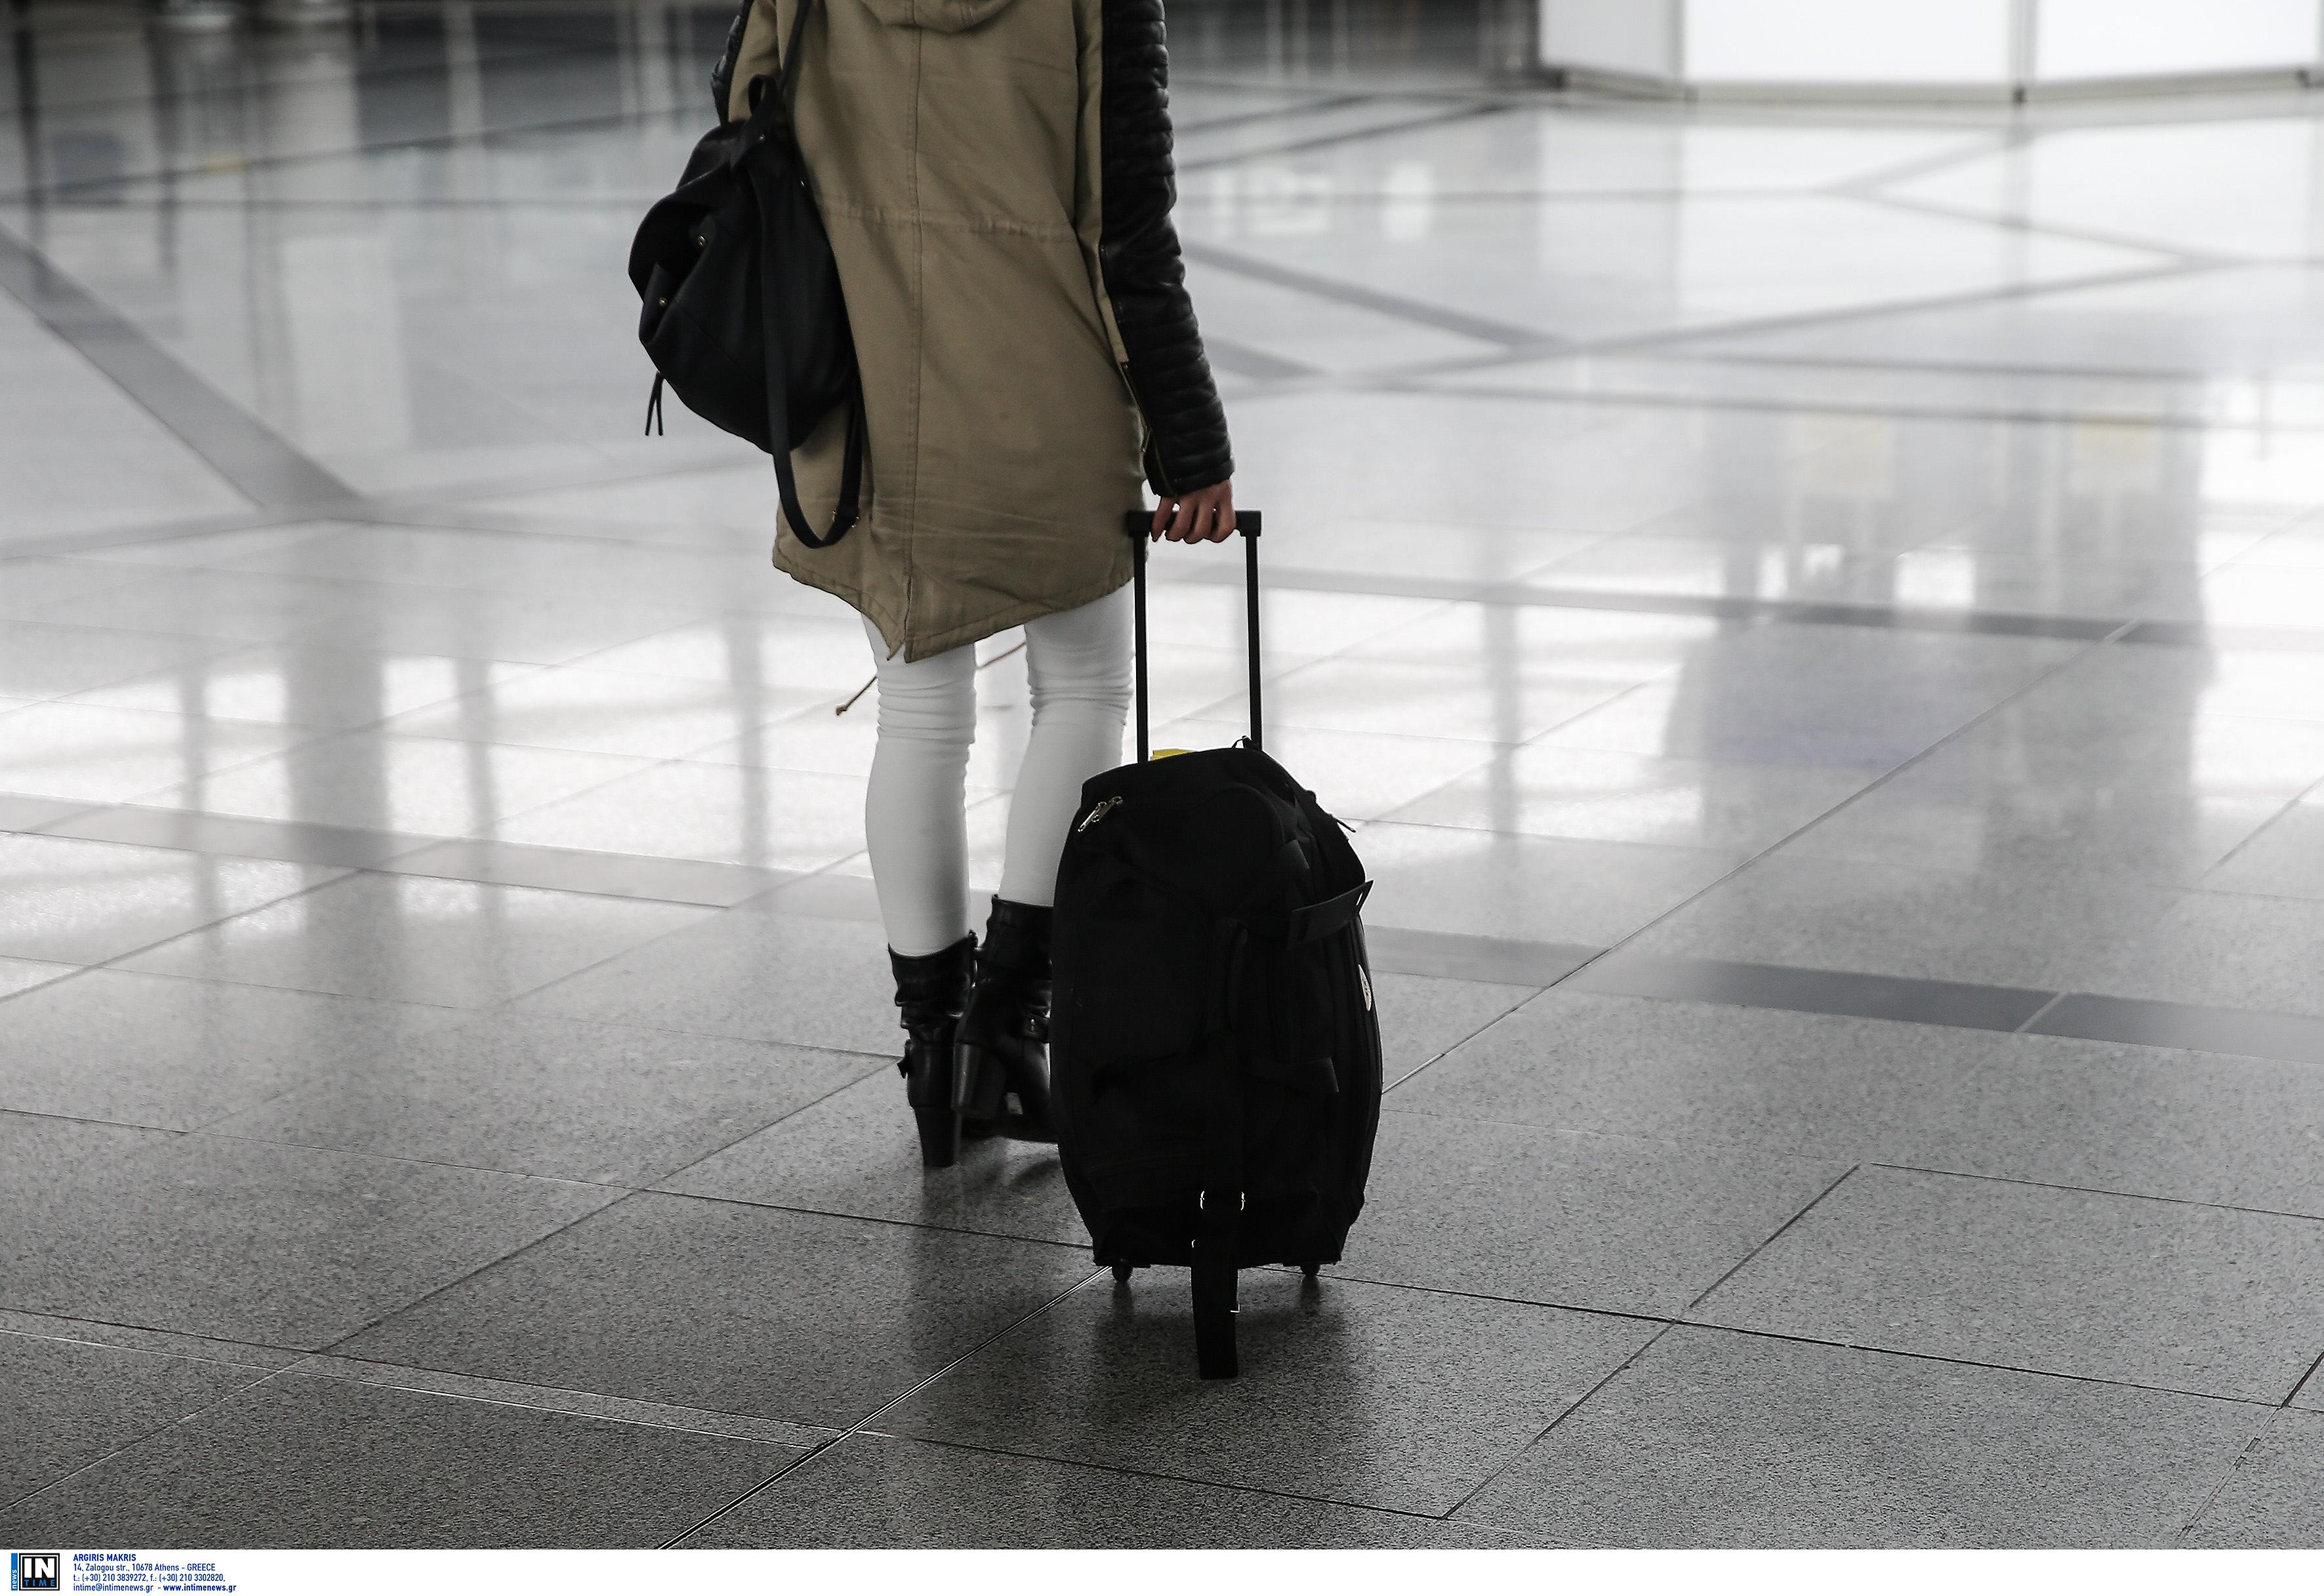 Φακέλωμα στους επιβάτες με το νέο νομοσχέδιο της ΕΕ   tovima.gr